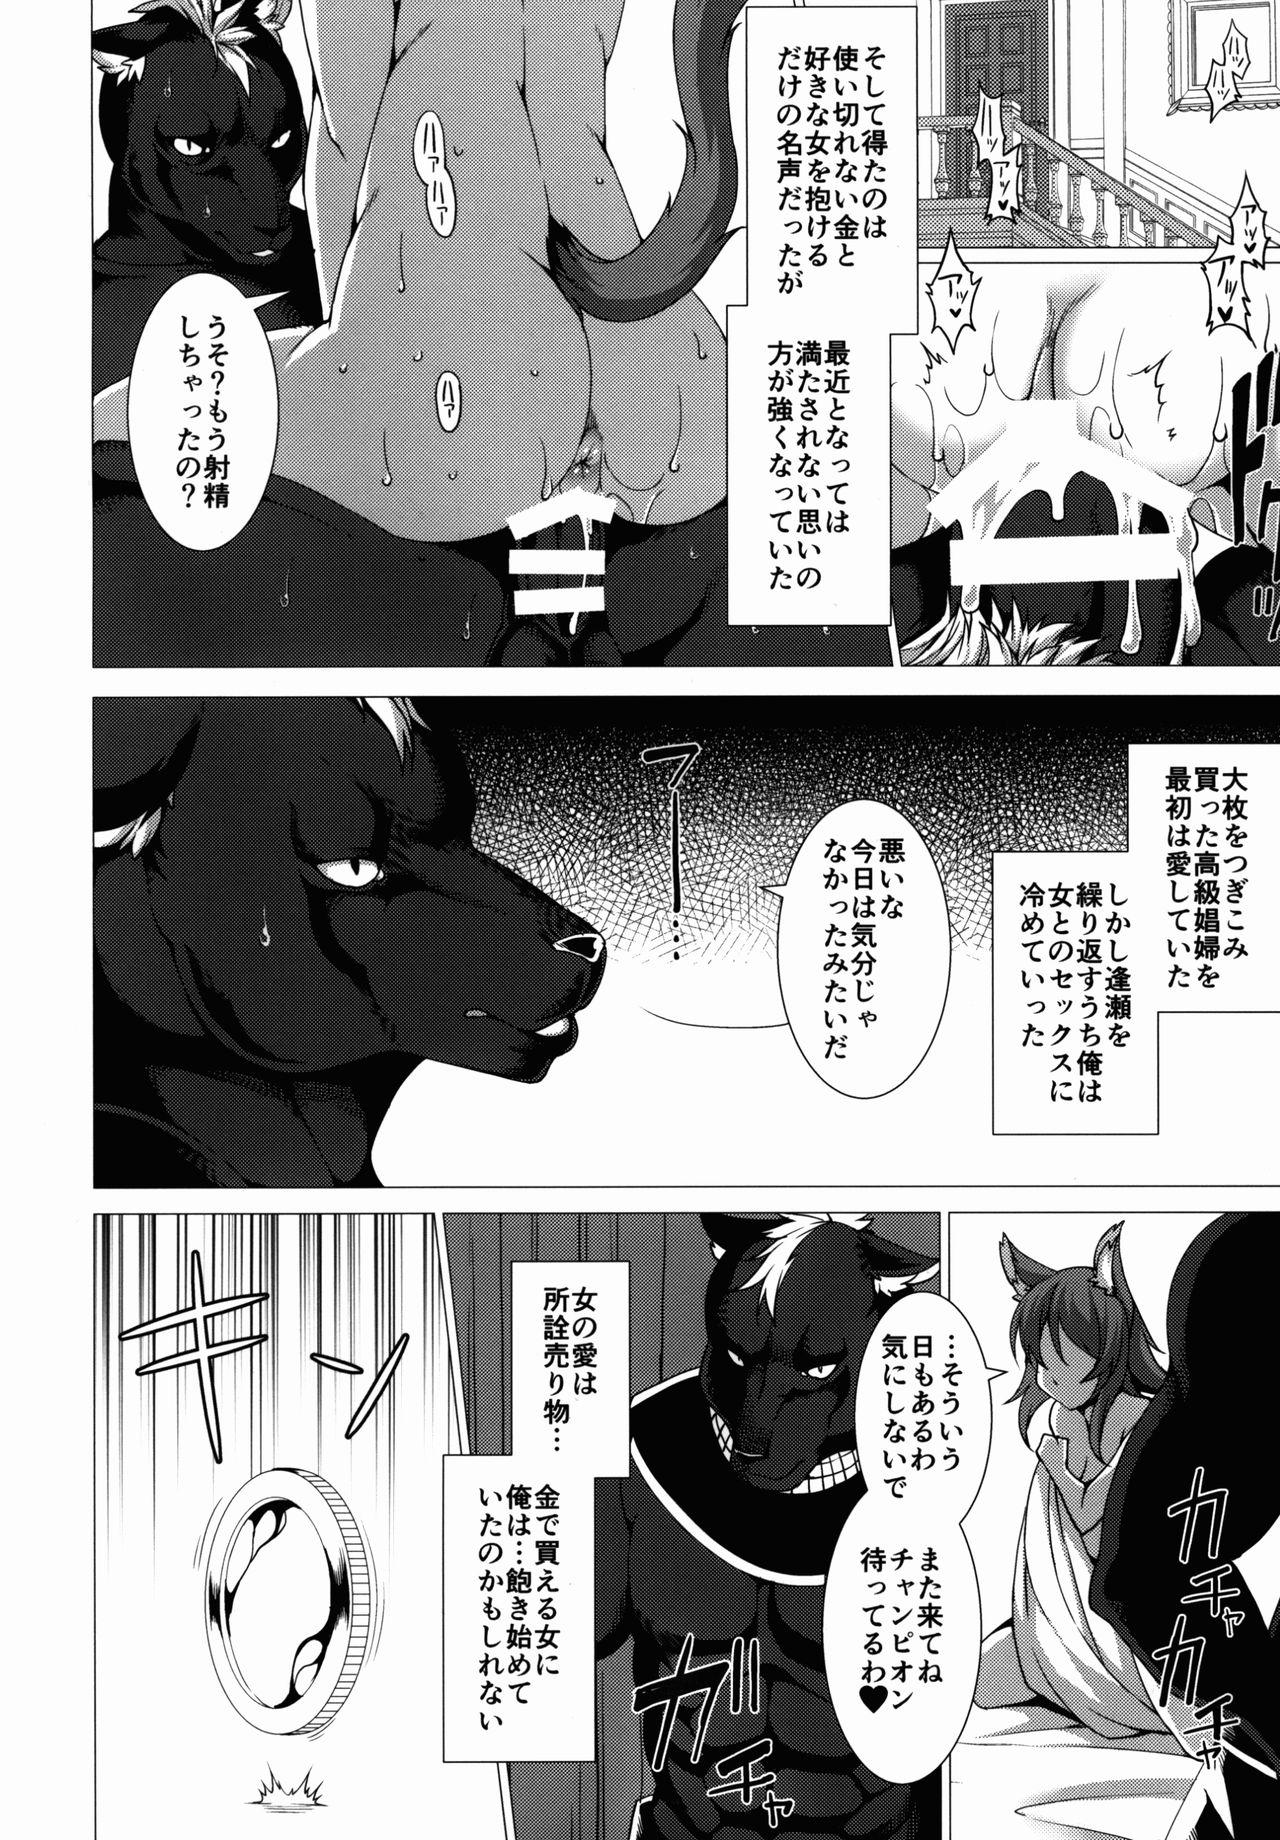 【エロ漫画・エロ同人】最強の獣人が普通のエッチに飽きてスラム街の幼女を犯しまくってるwww (4)